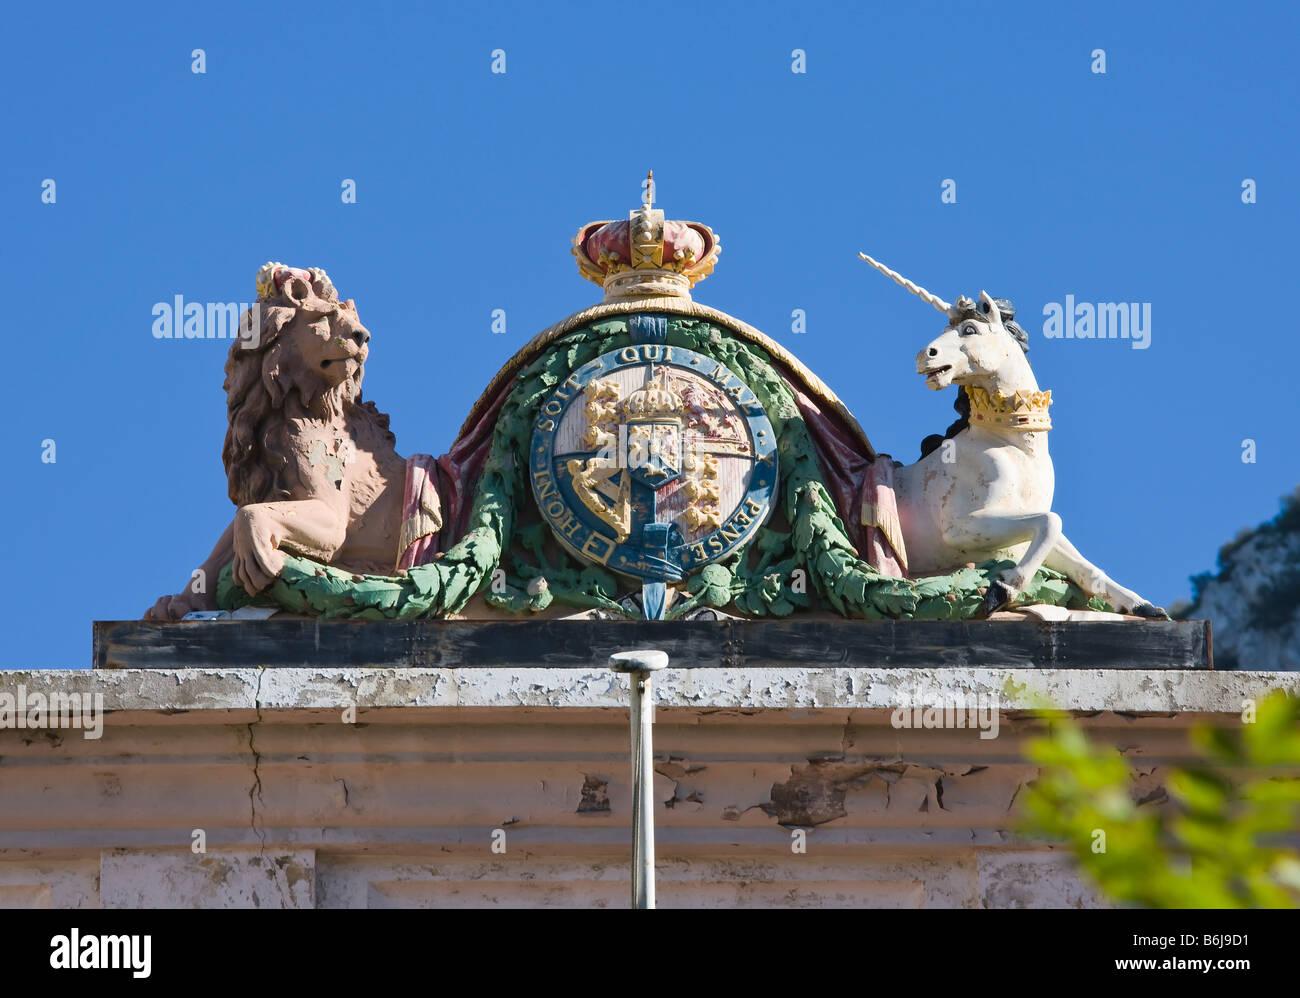 Armoiries royales du Royaume-Uni au-dessus de l'édifice, à Gibraltar Honi soit qui mal y pense Photo Stock